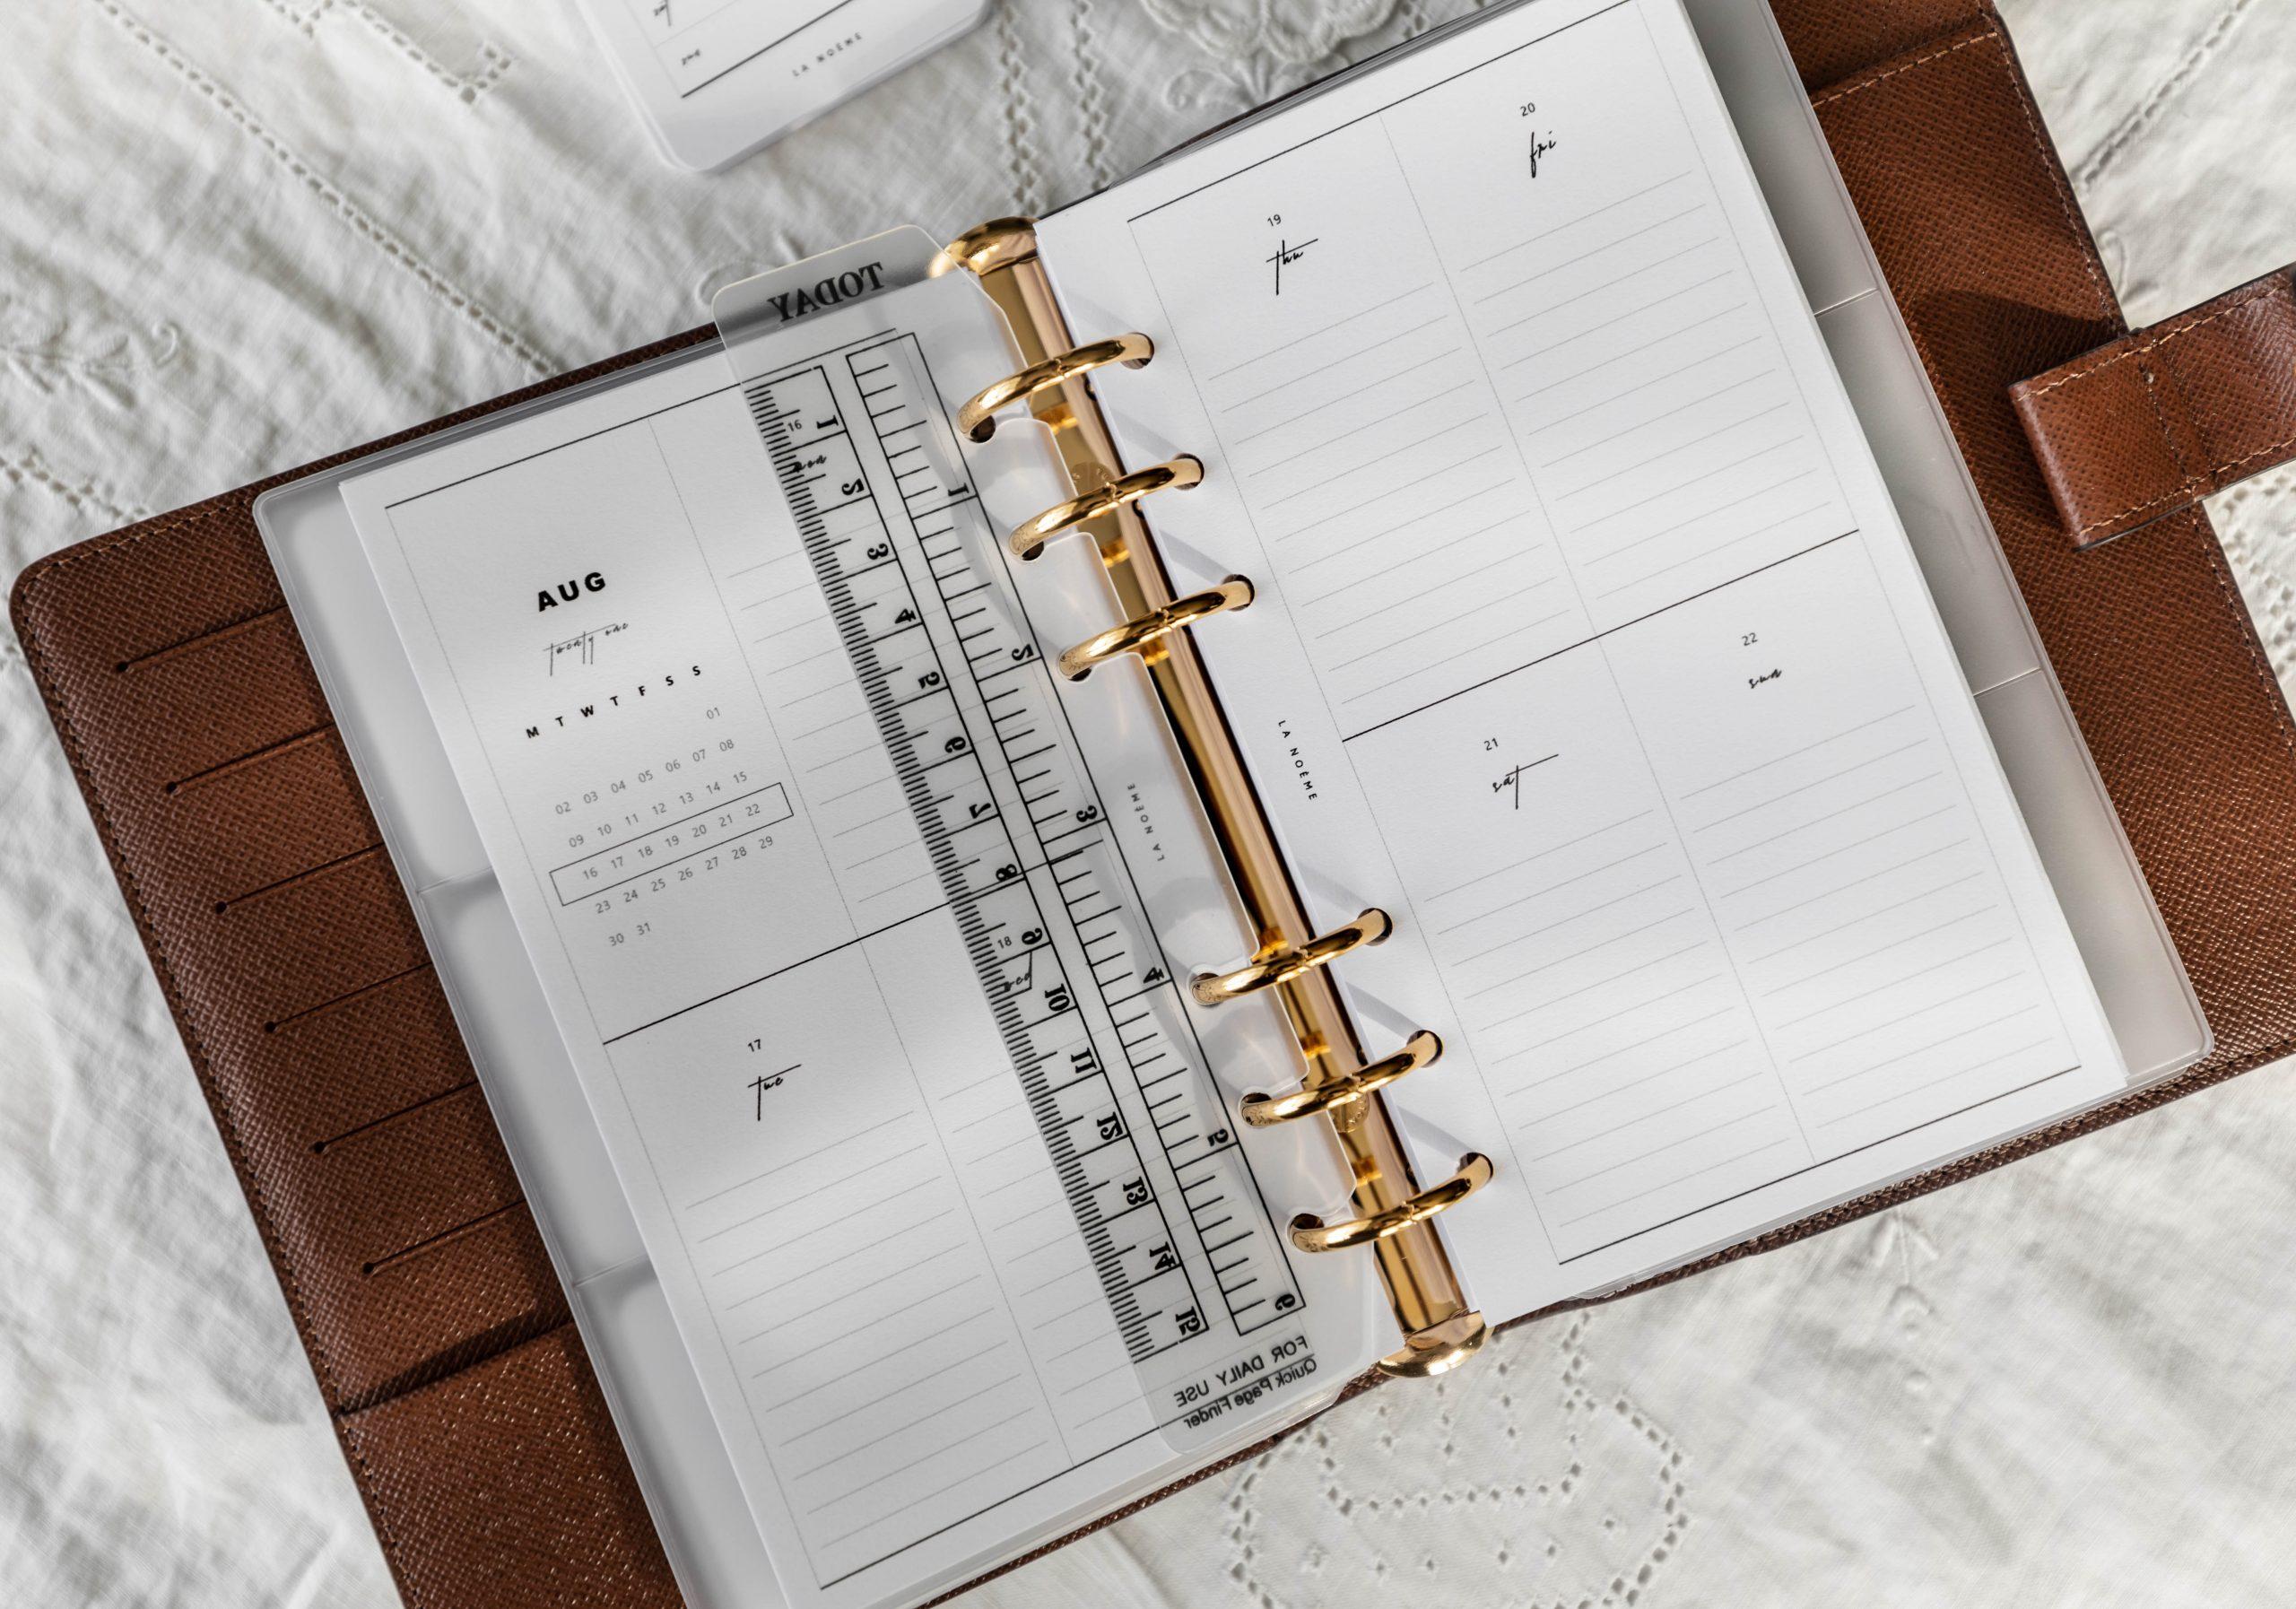 Louis Vuitton Agenda Setup and Organization by Annie Fairfax